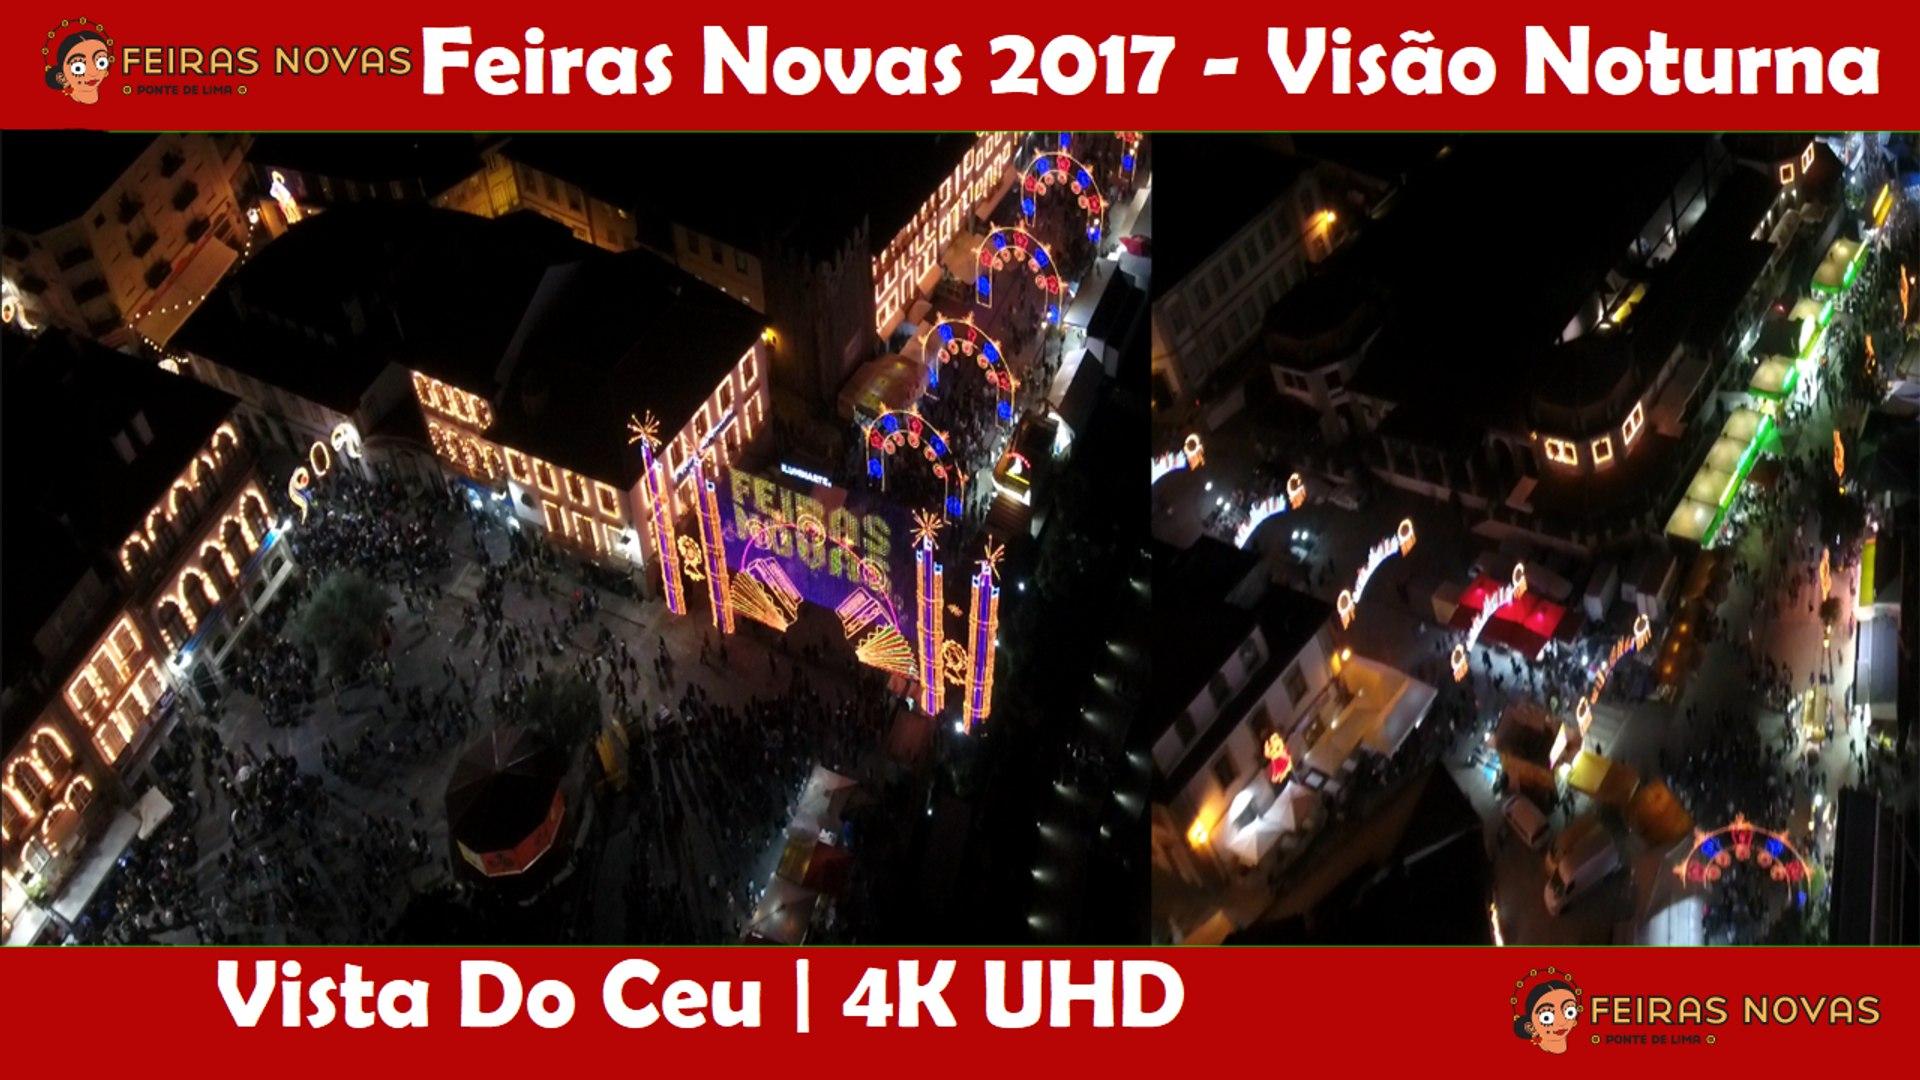 Feiras Novas 2017 - Visão Noturna - Vista Do Ceu - 4K UHD